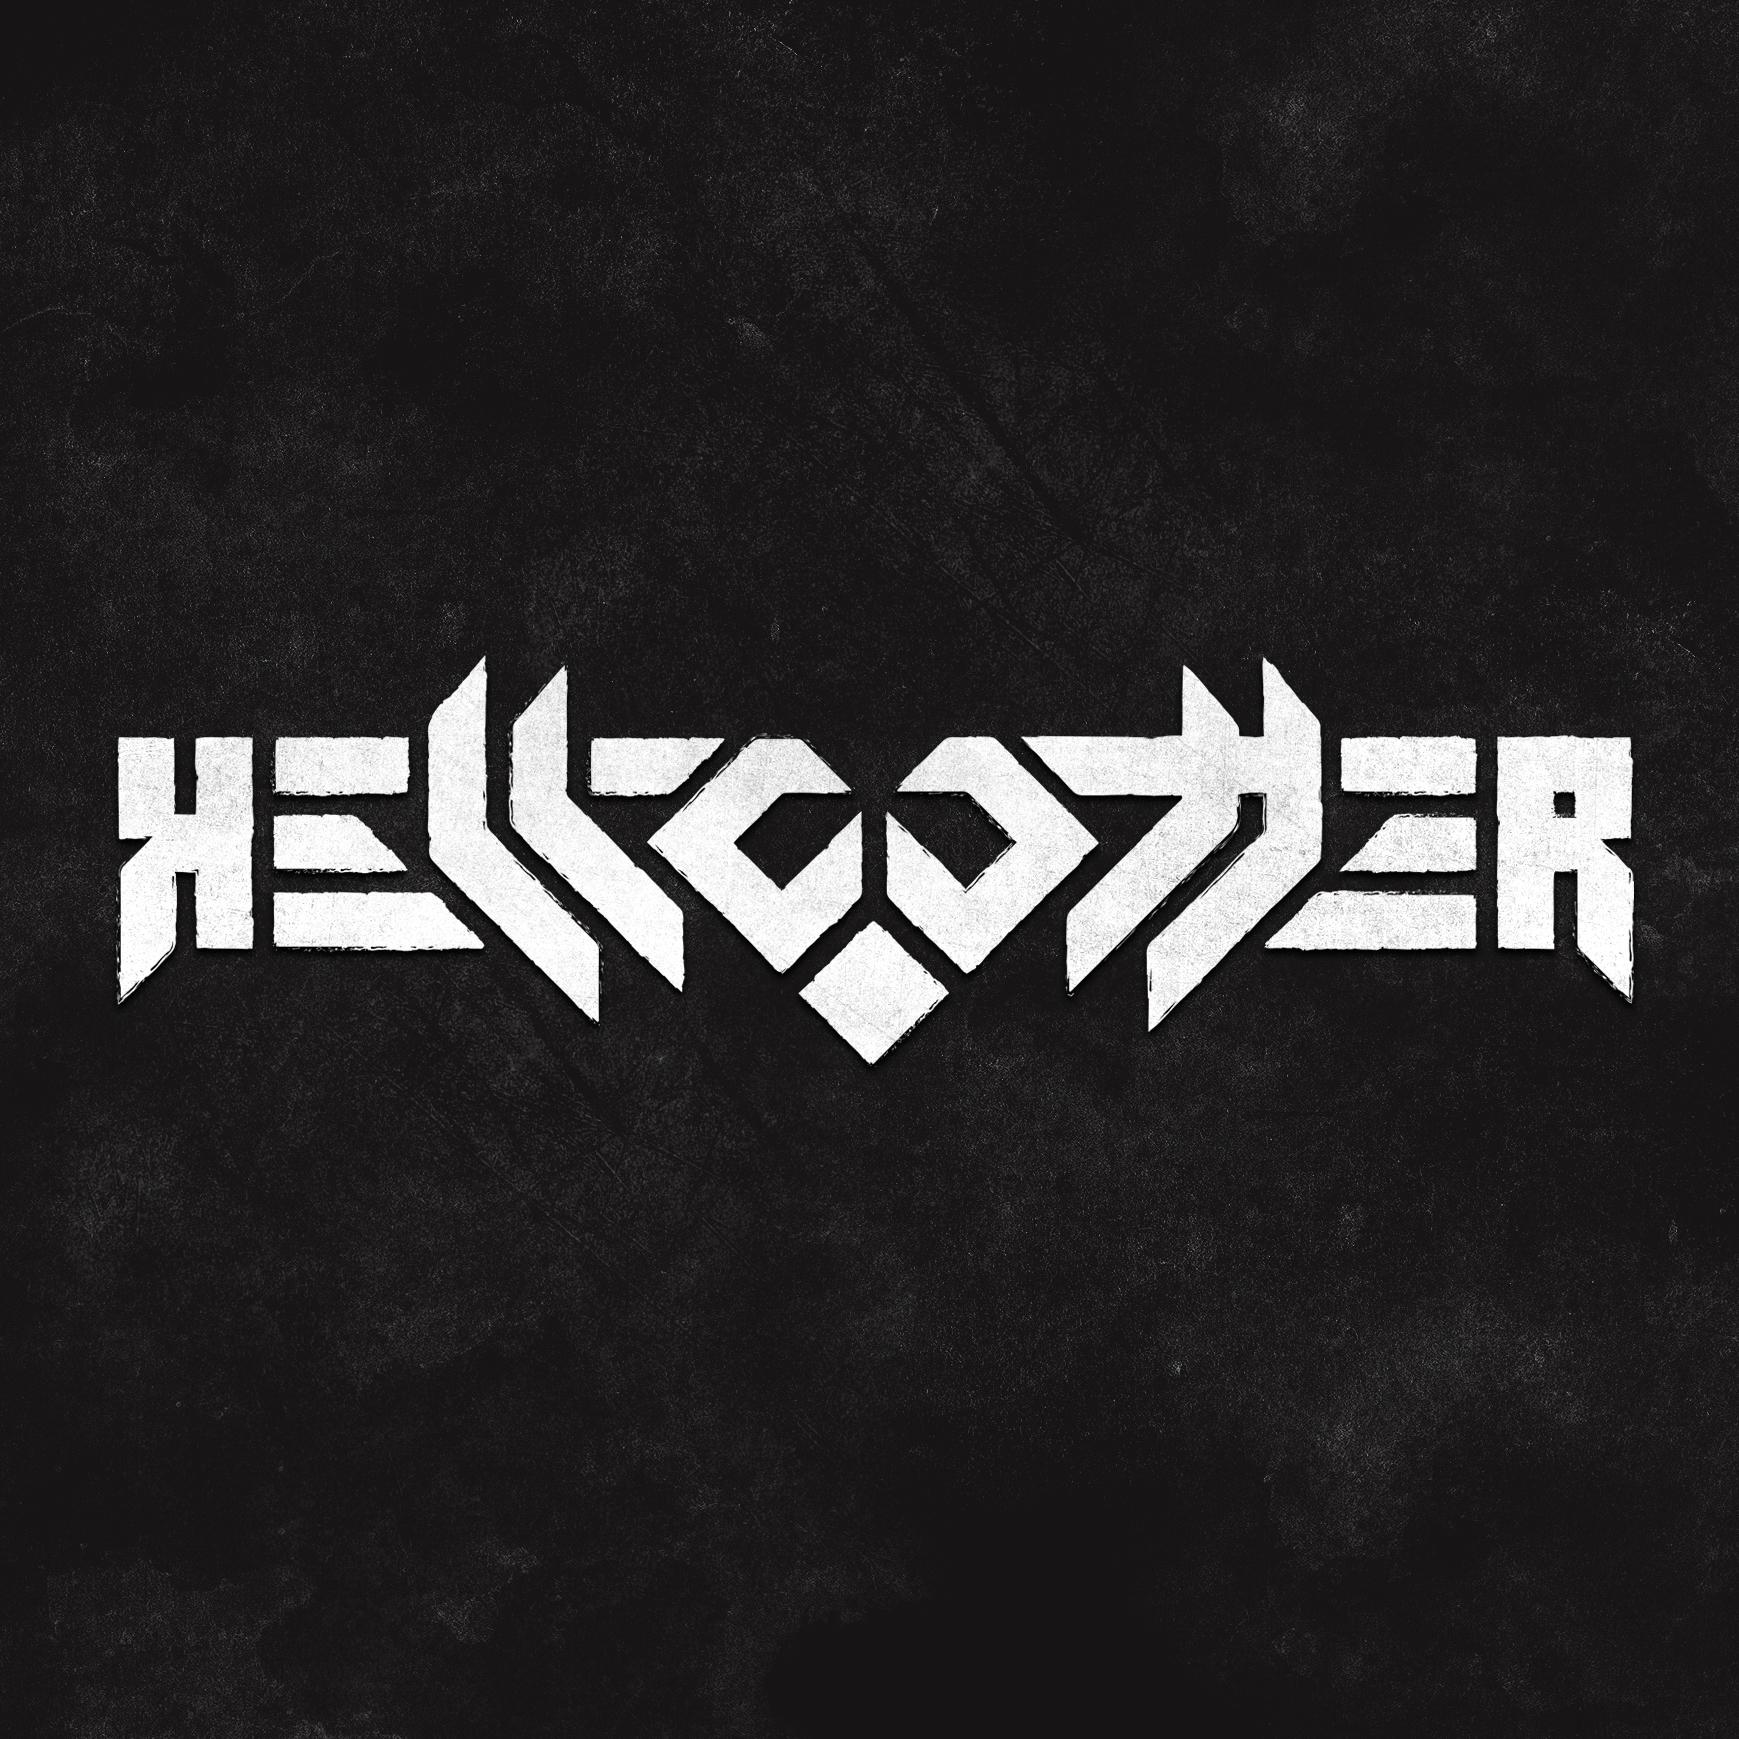 Hellcutter